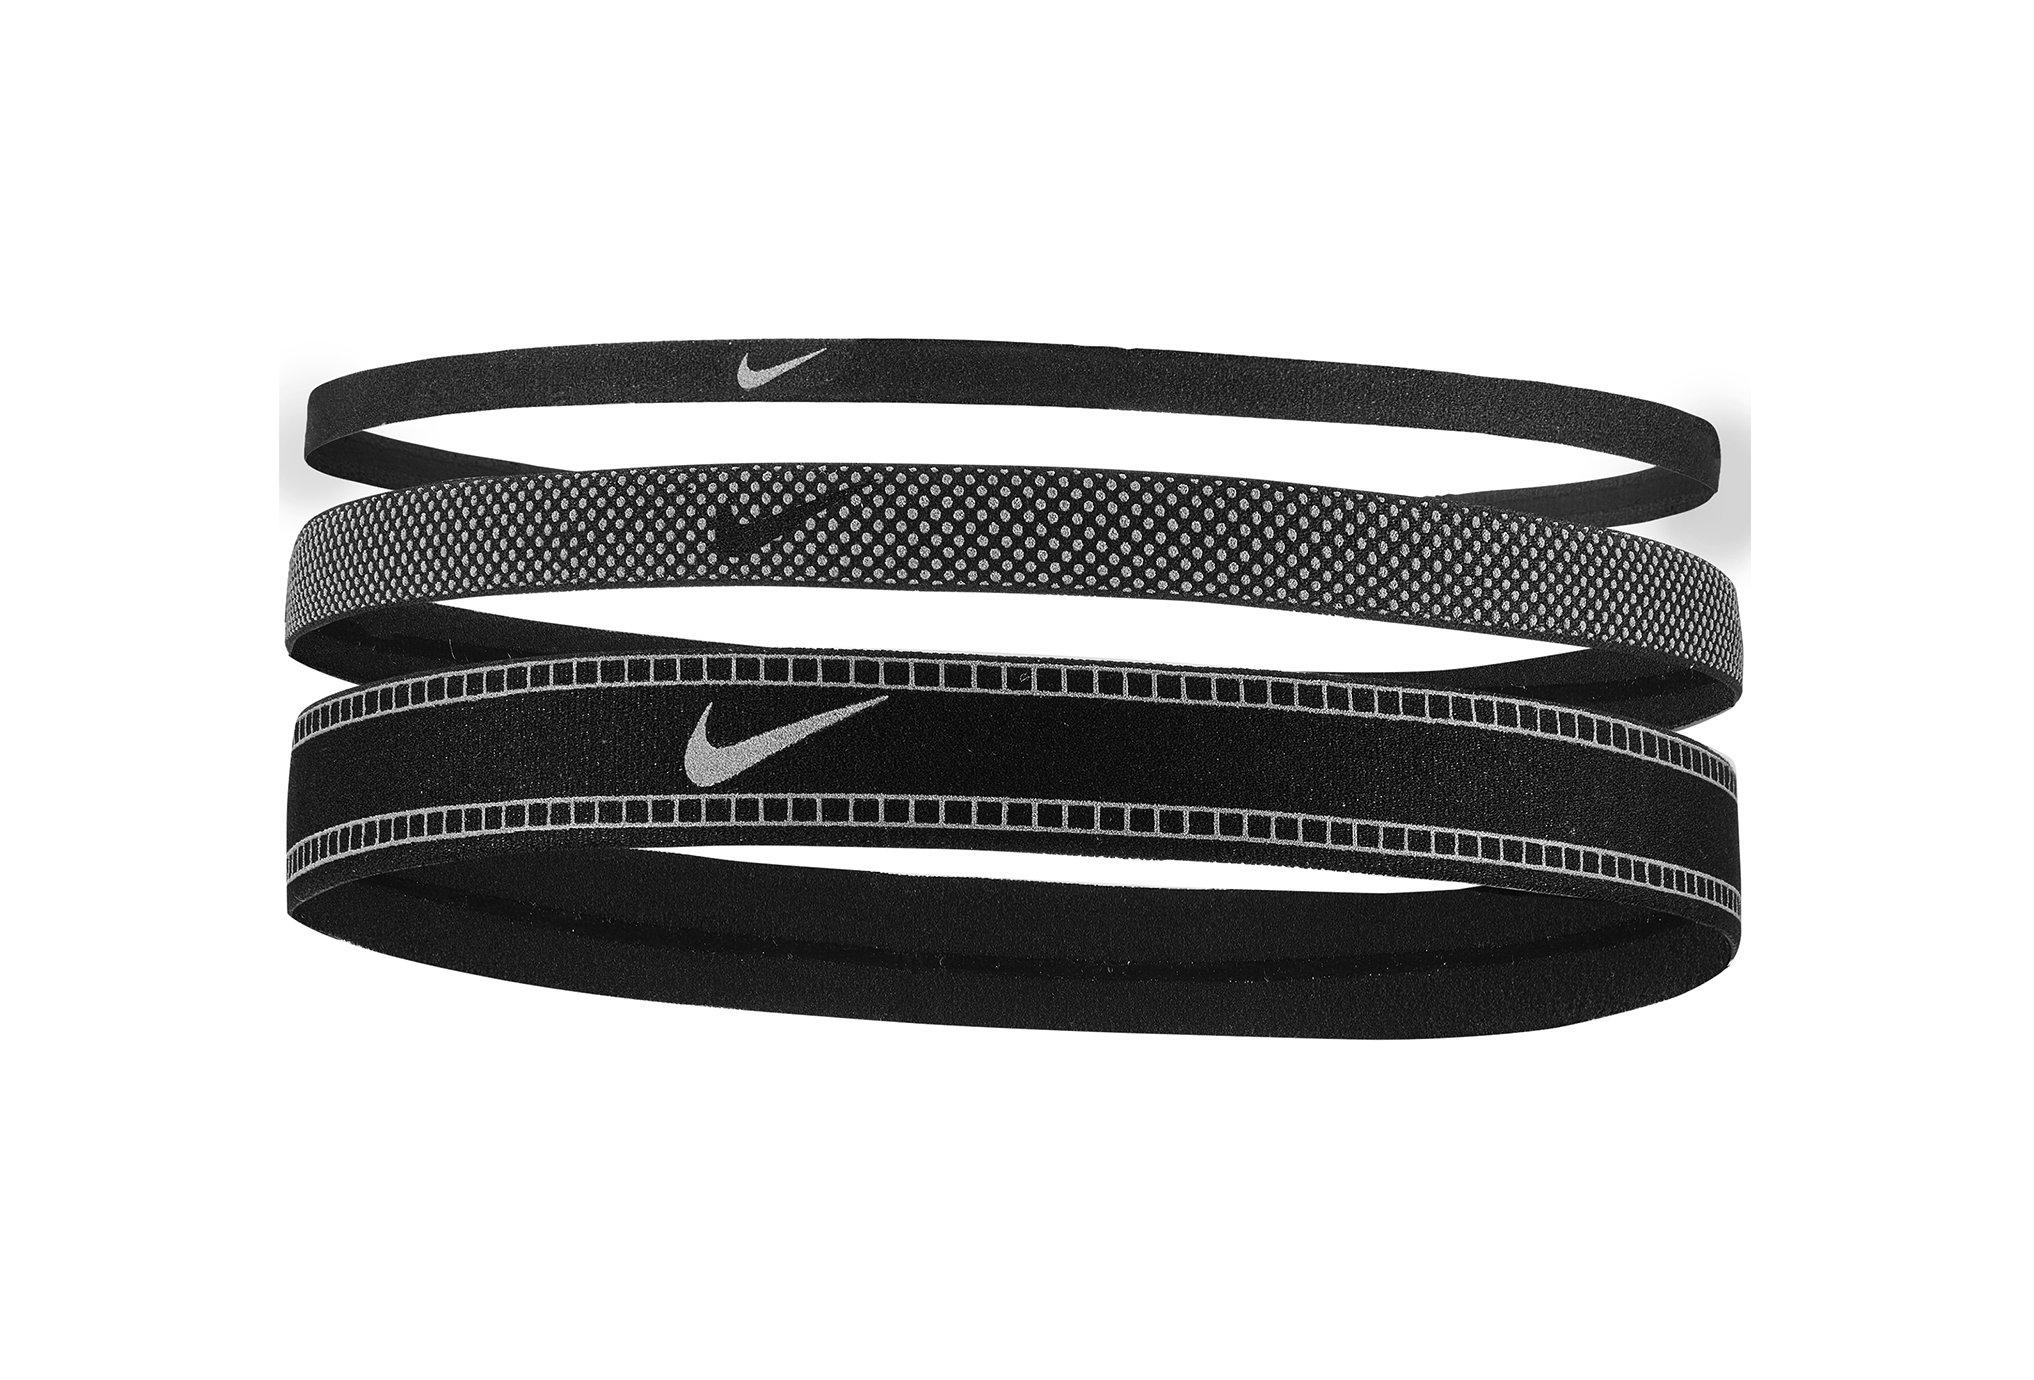 Nike Elastiques Headbands Reflective x3 Casquettes / bandeaux